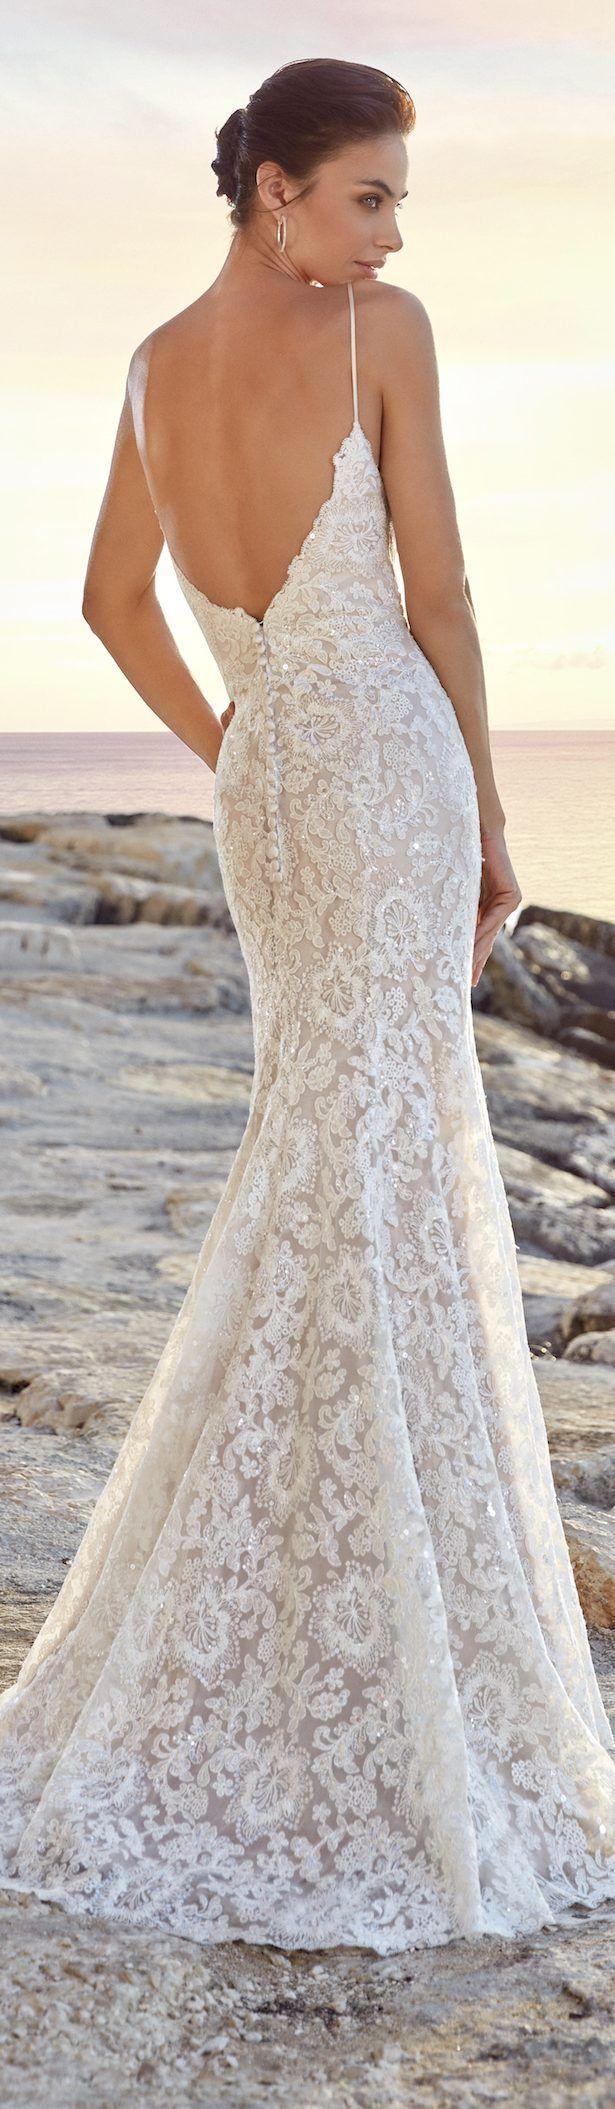 79 besten Hochzeitskleider Bilder auf Pinterest | Hochzeiten, Modell ...